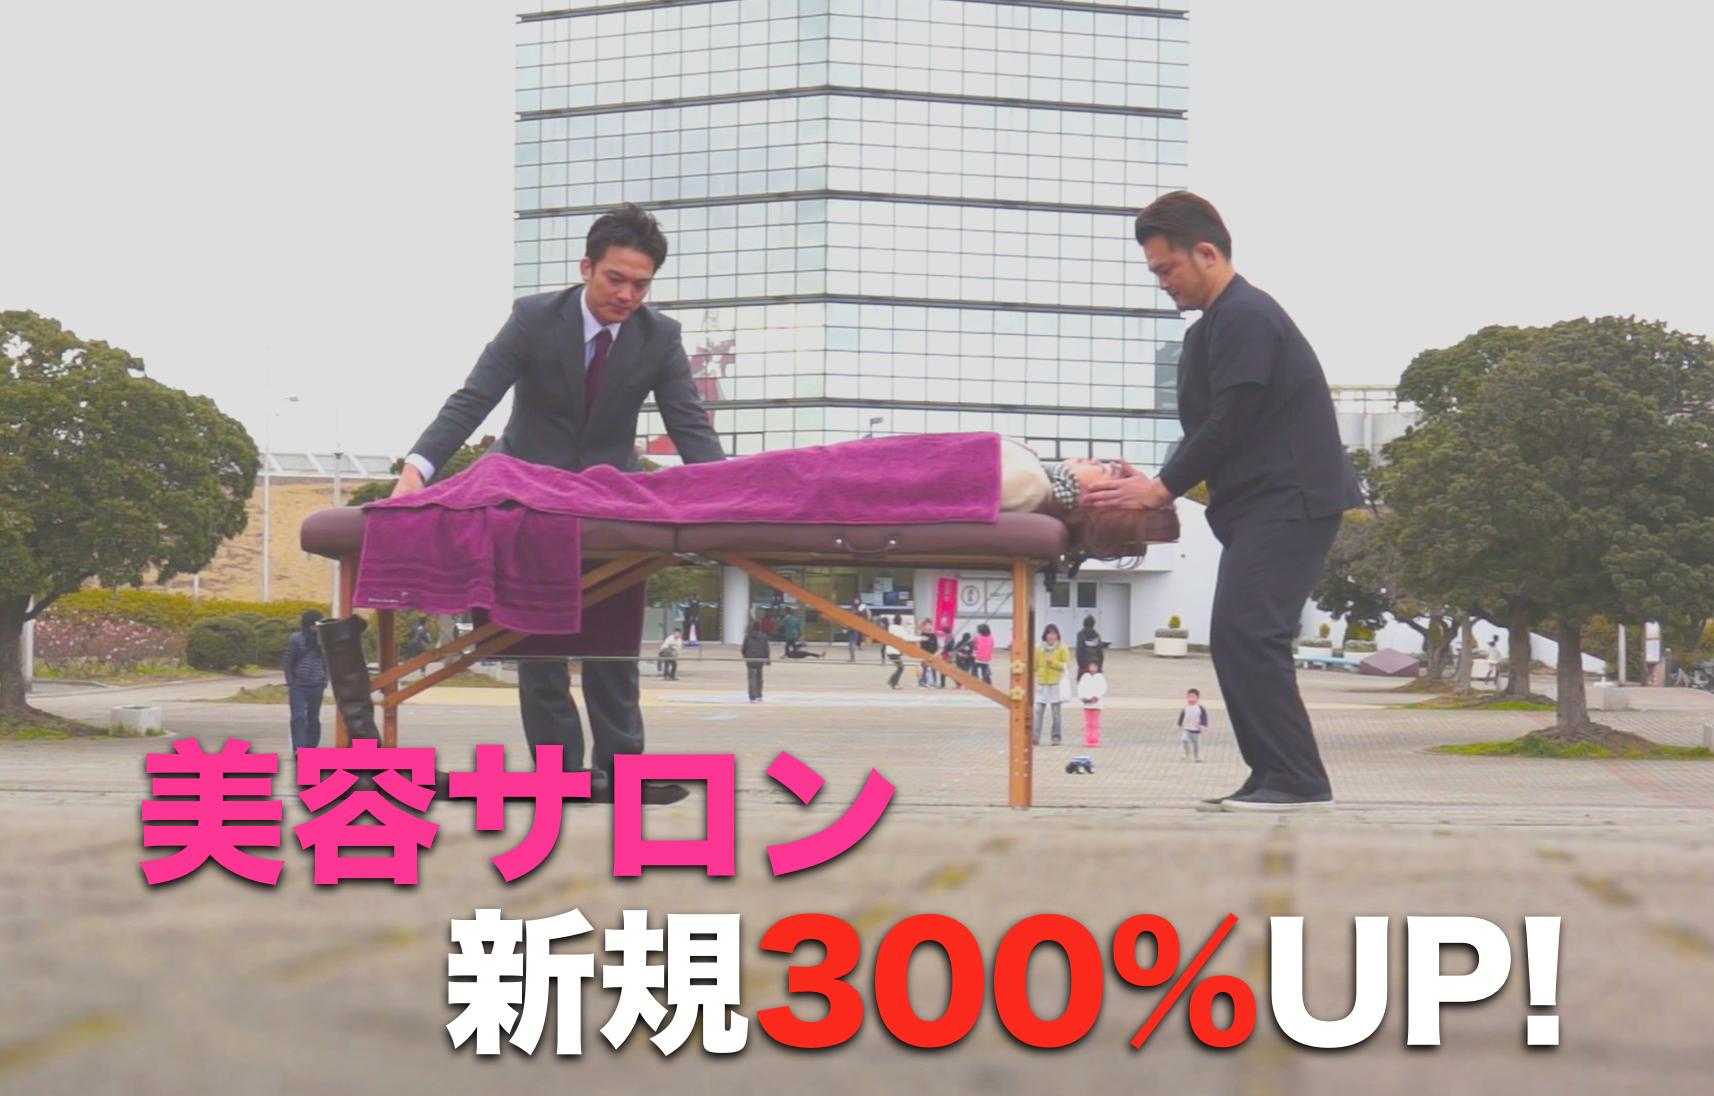 新規300%UP!美容サロンMUZE 様 PR動画